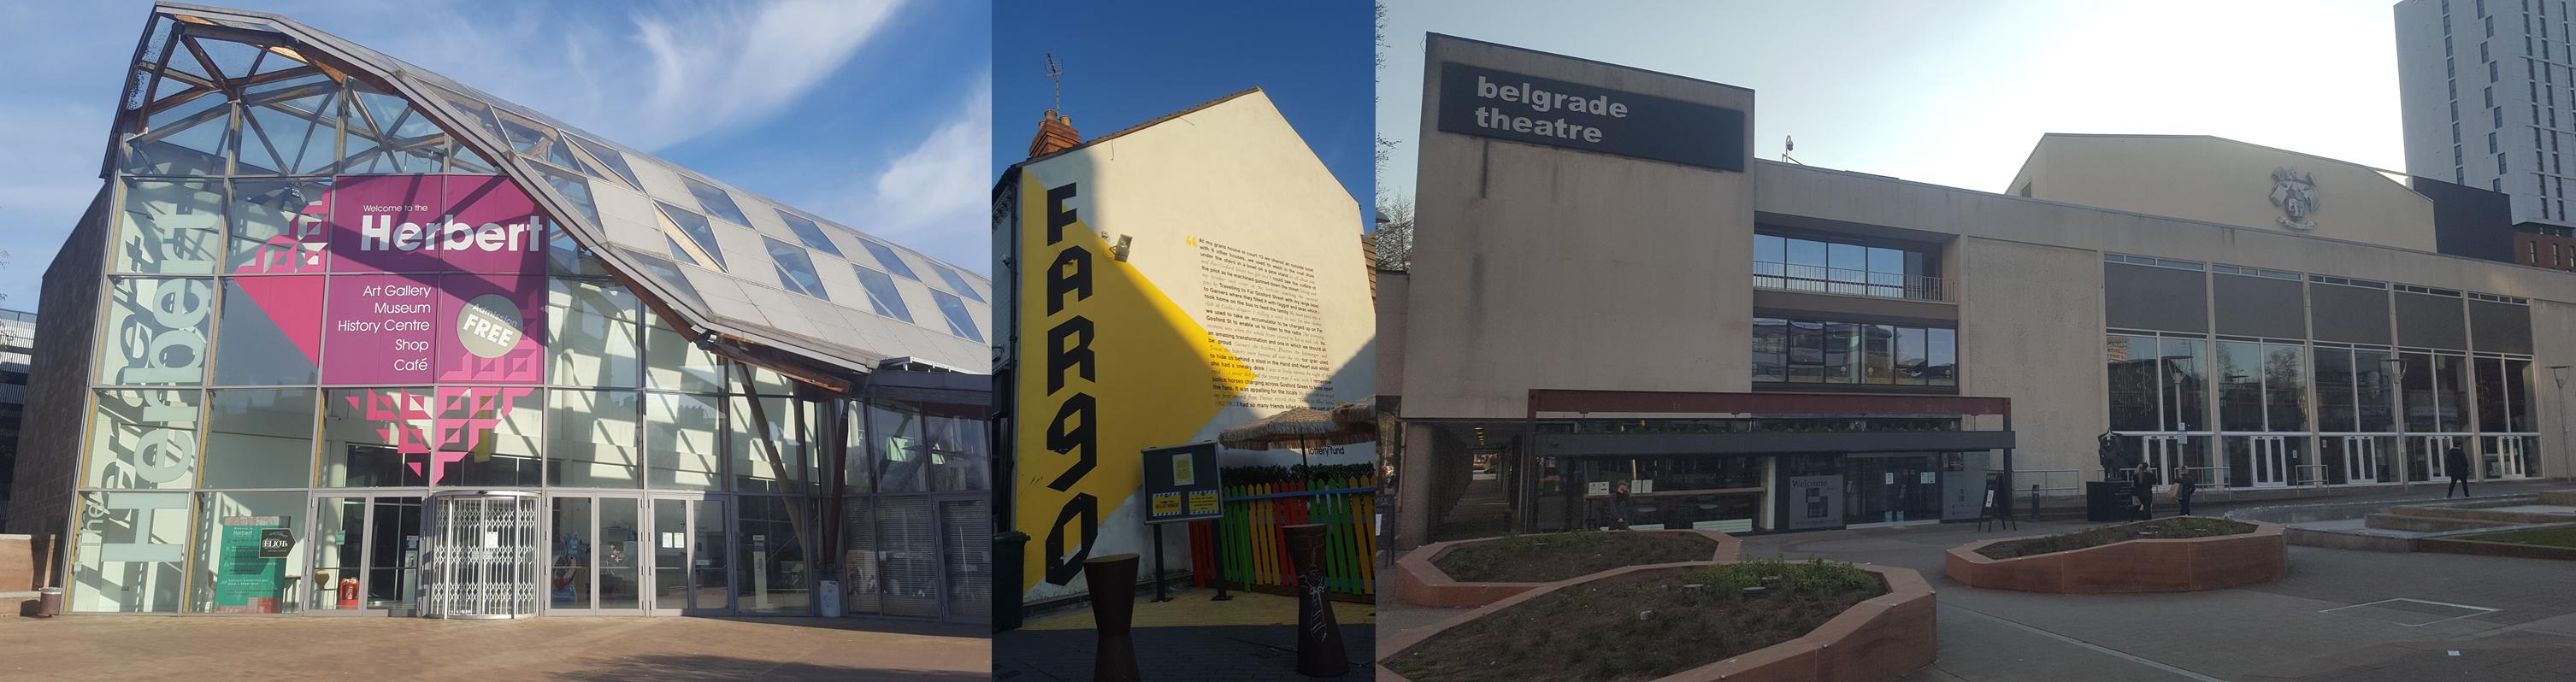 The Herbert, Fargo Village and the Belgrade Theatre.